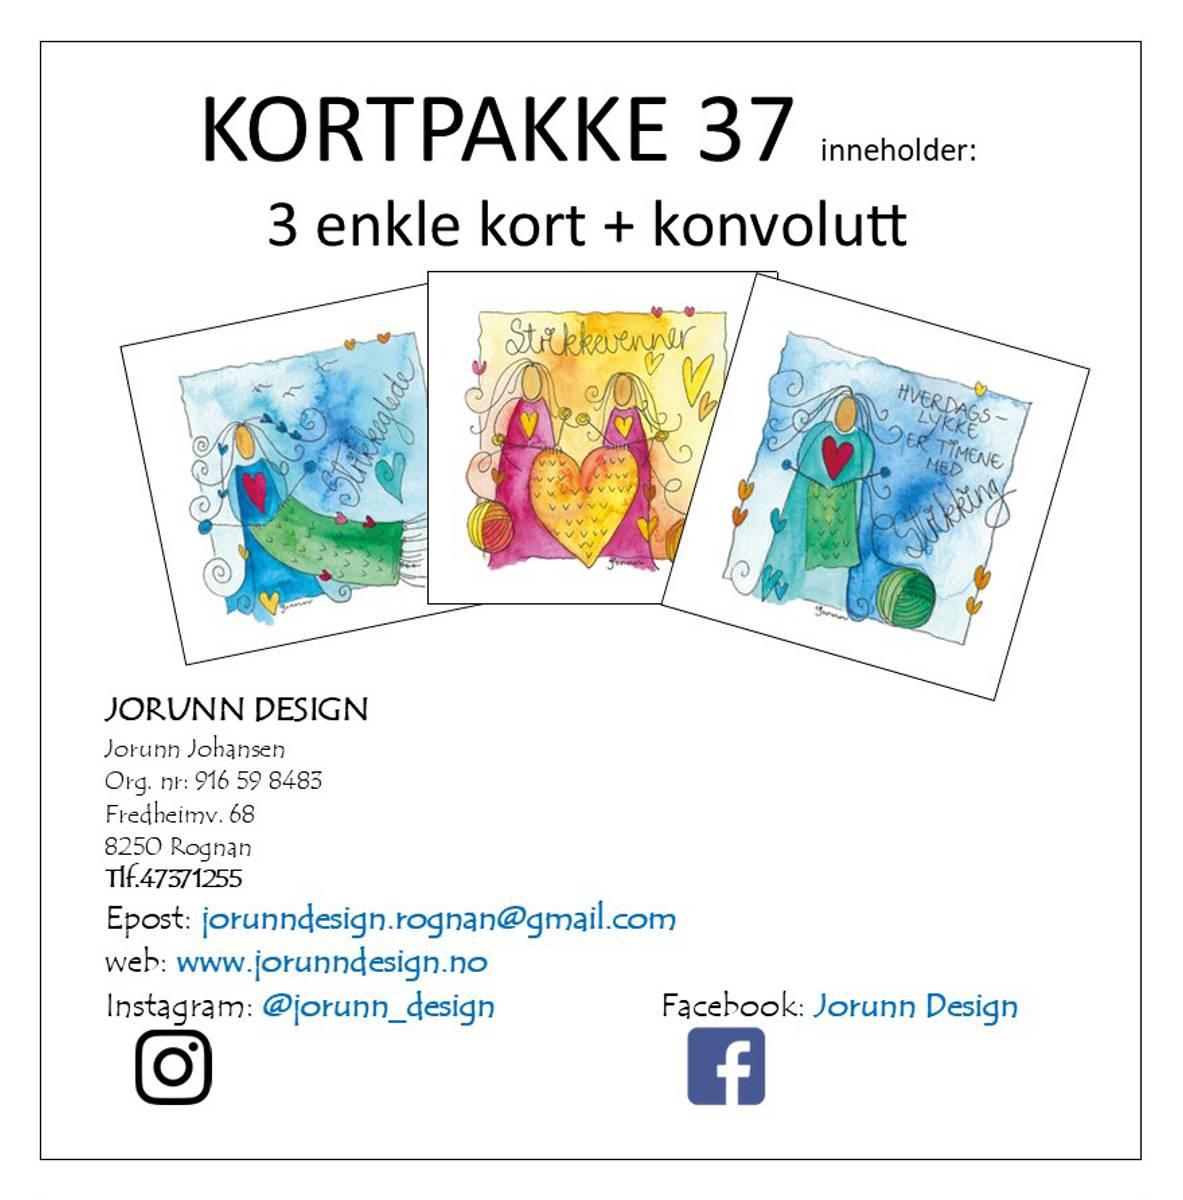 Kortpakke 37